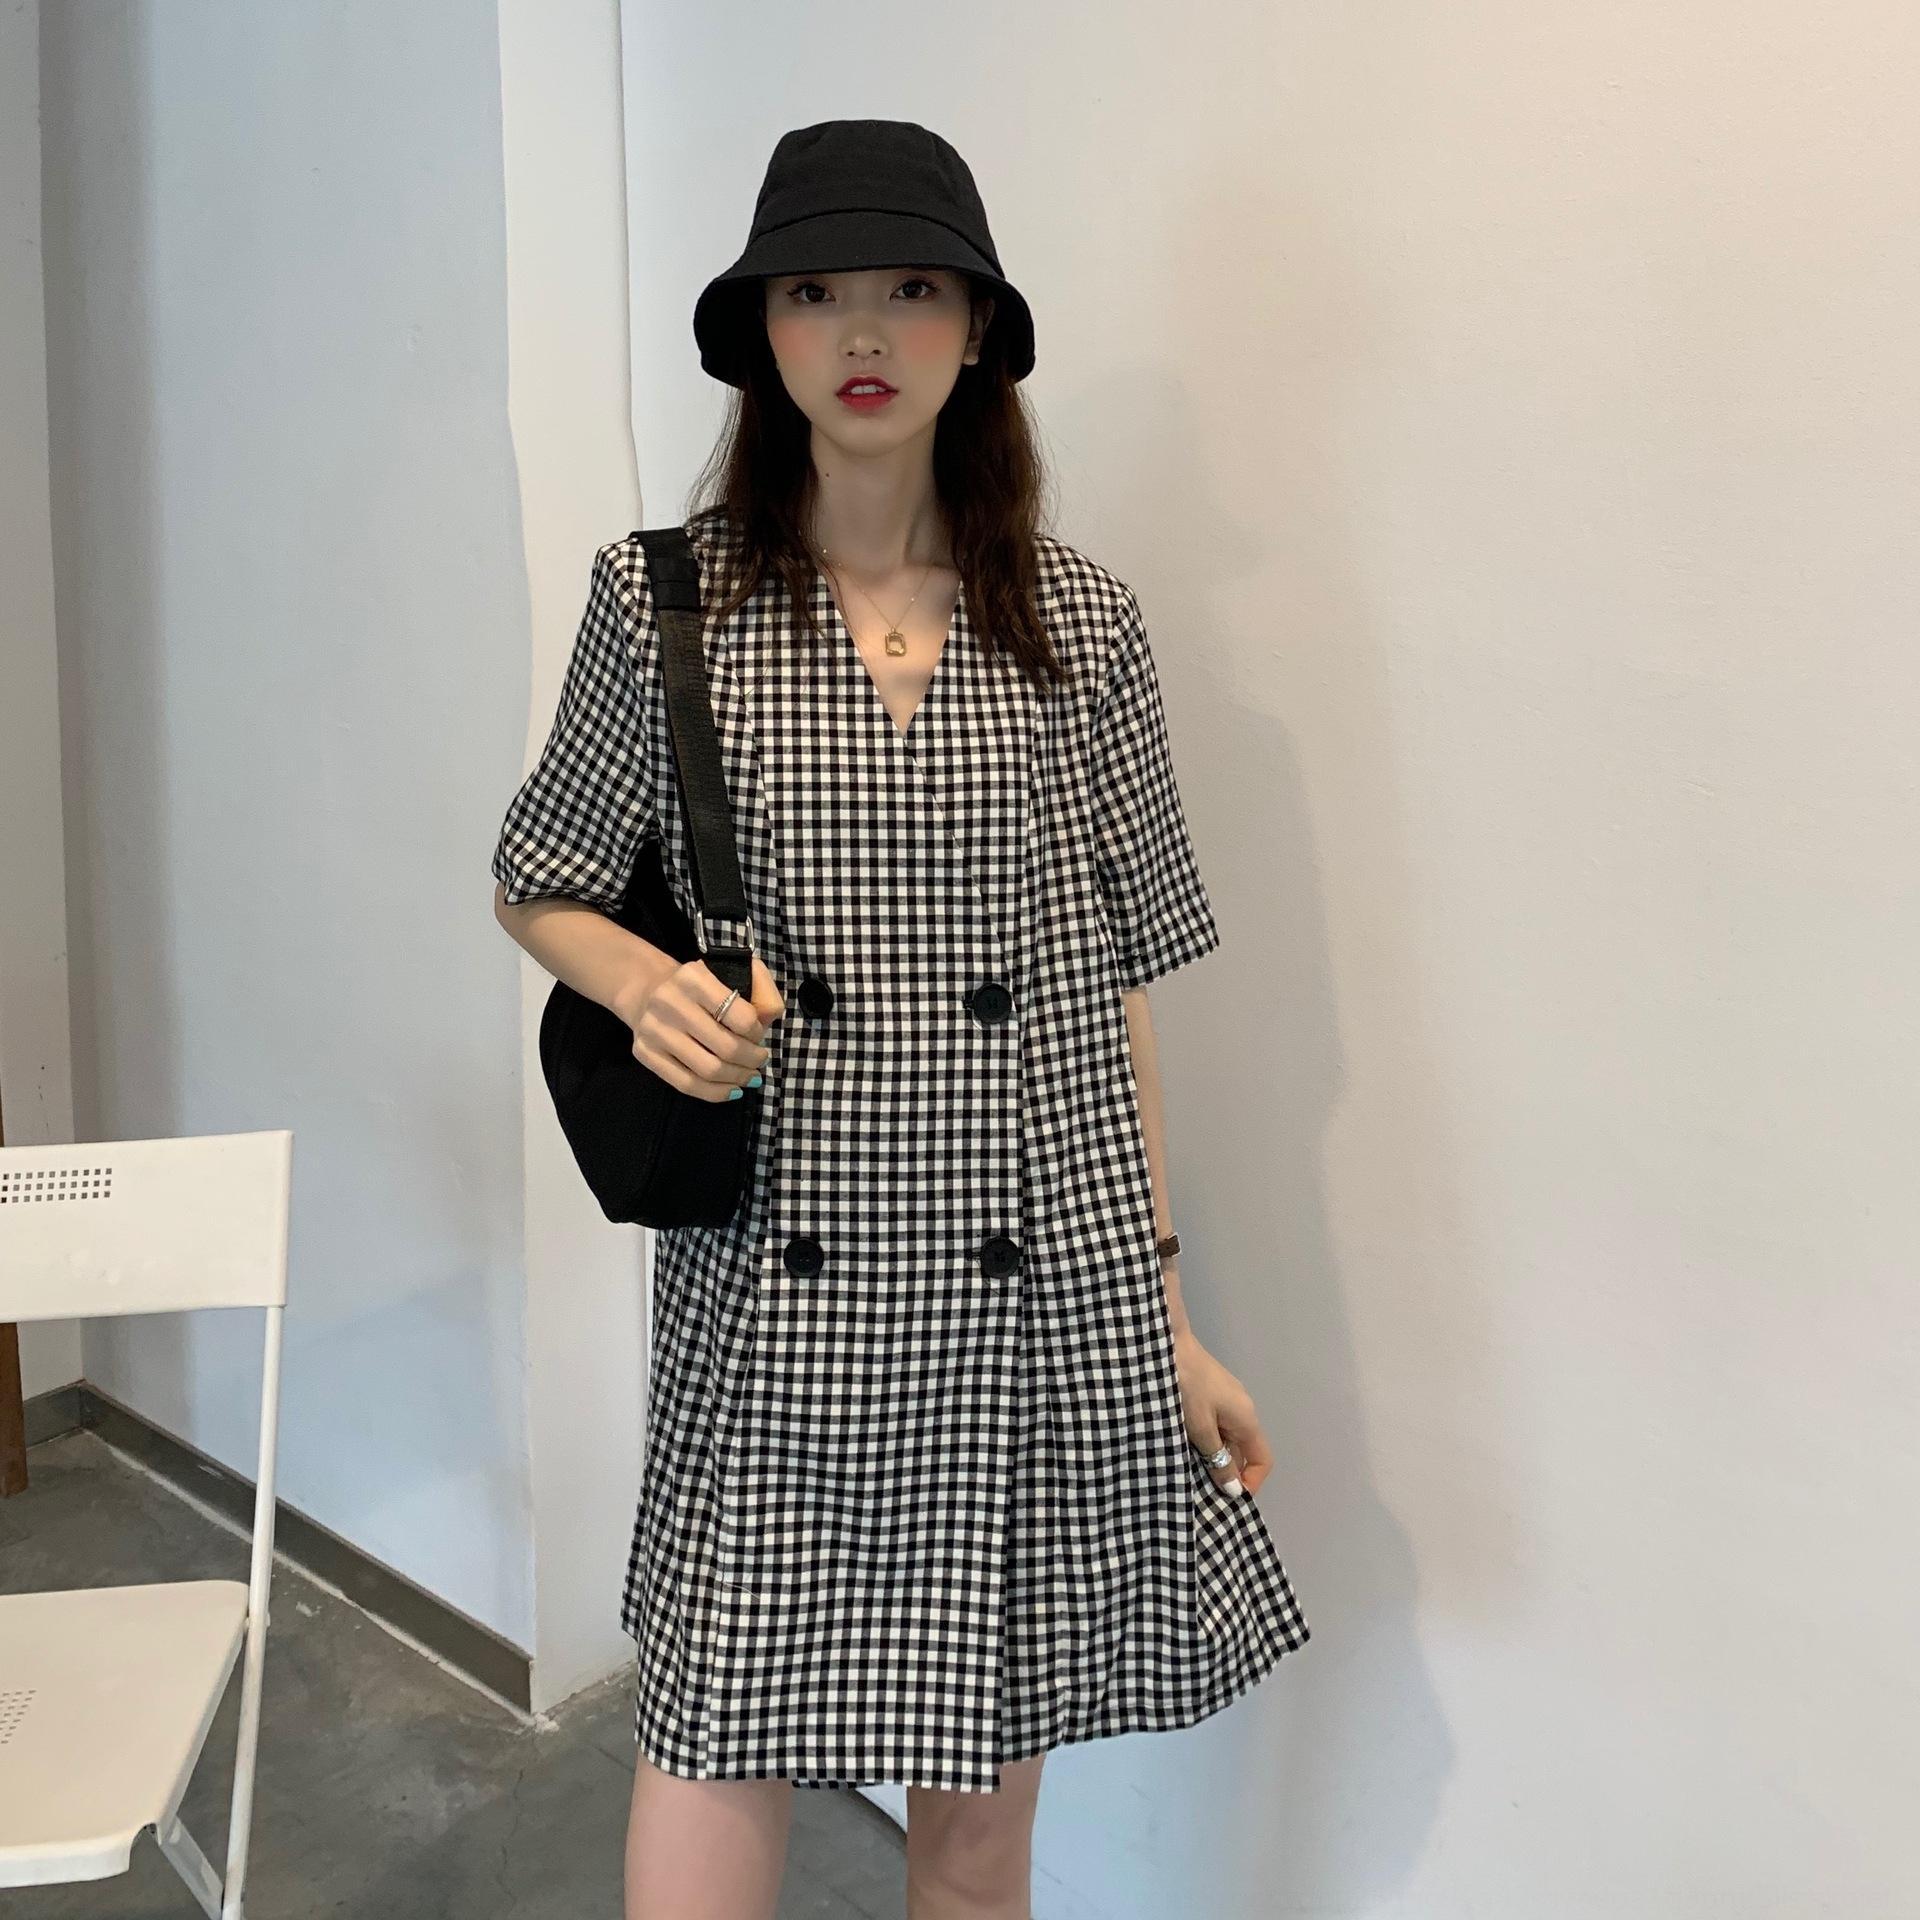 pantalon col monopièce été des femmes jupe chemise 2020 style coréen mode lâche à double boutonnage à manches courtes chemise à carreaux